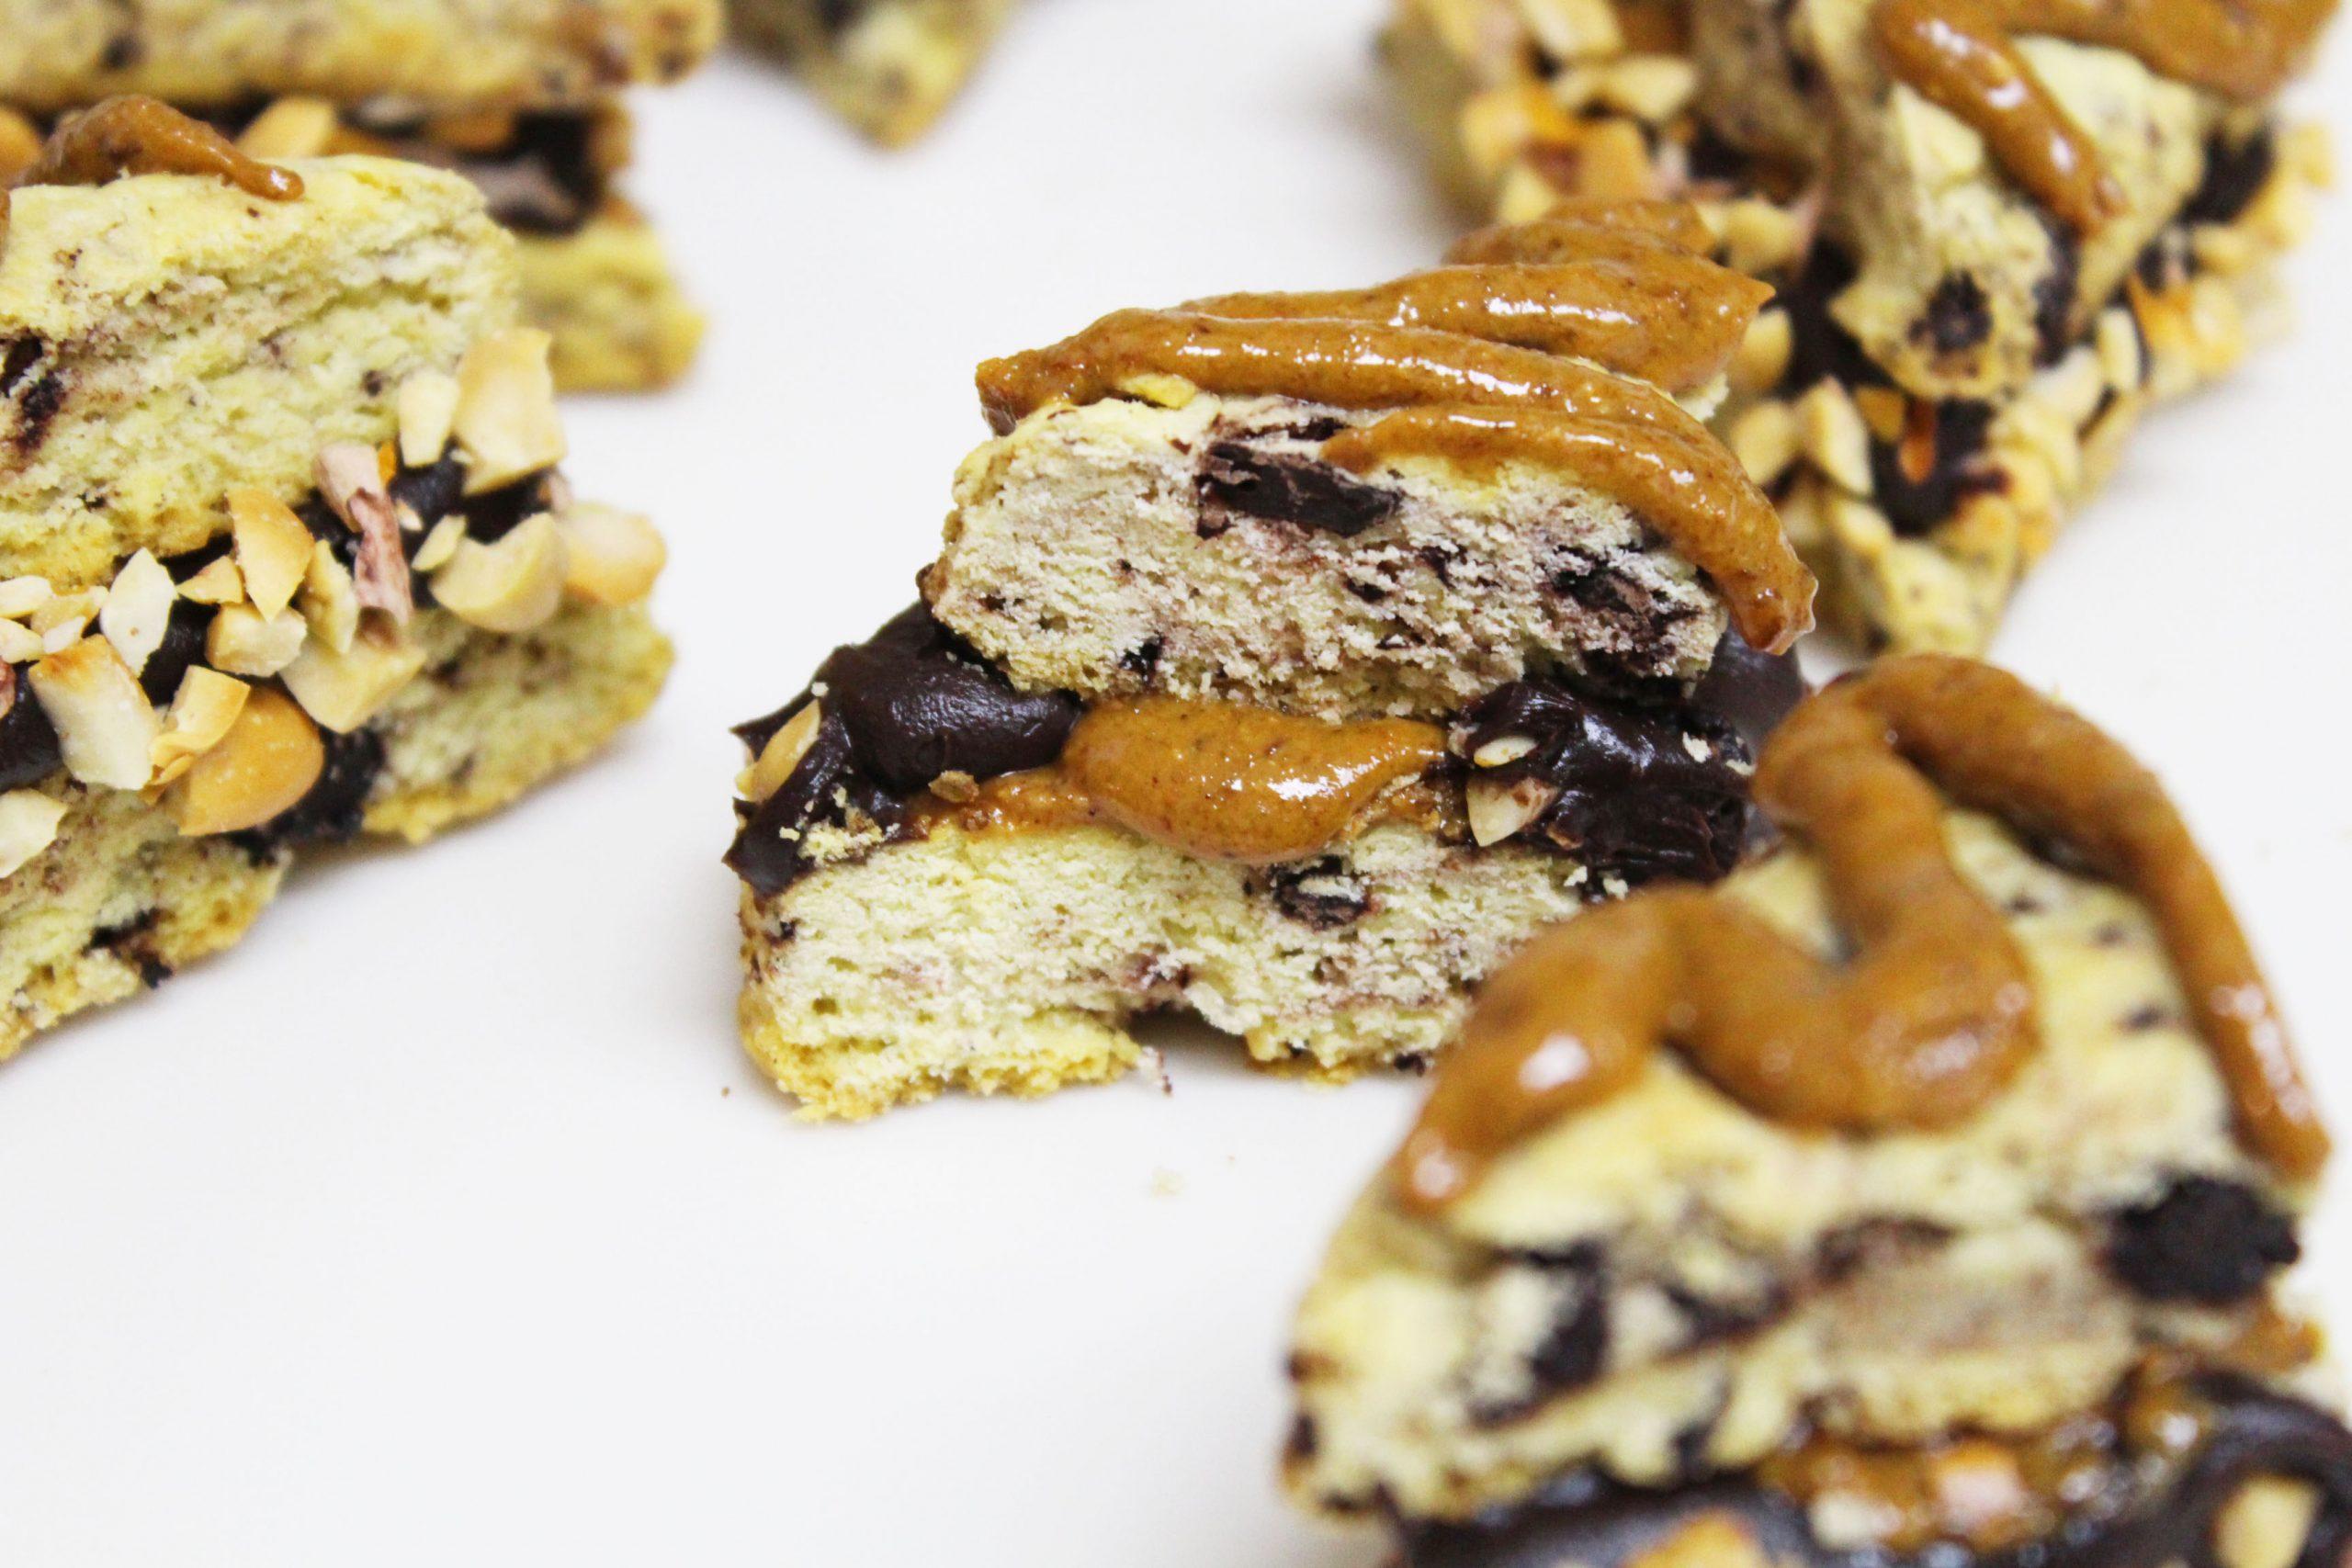 Peanut, Chocolate Cookies